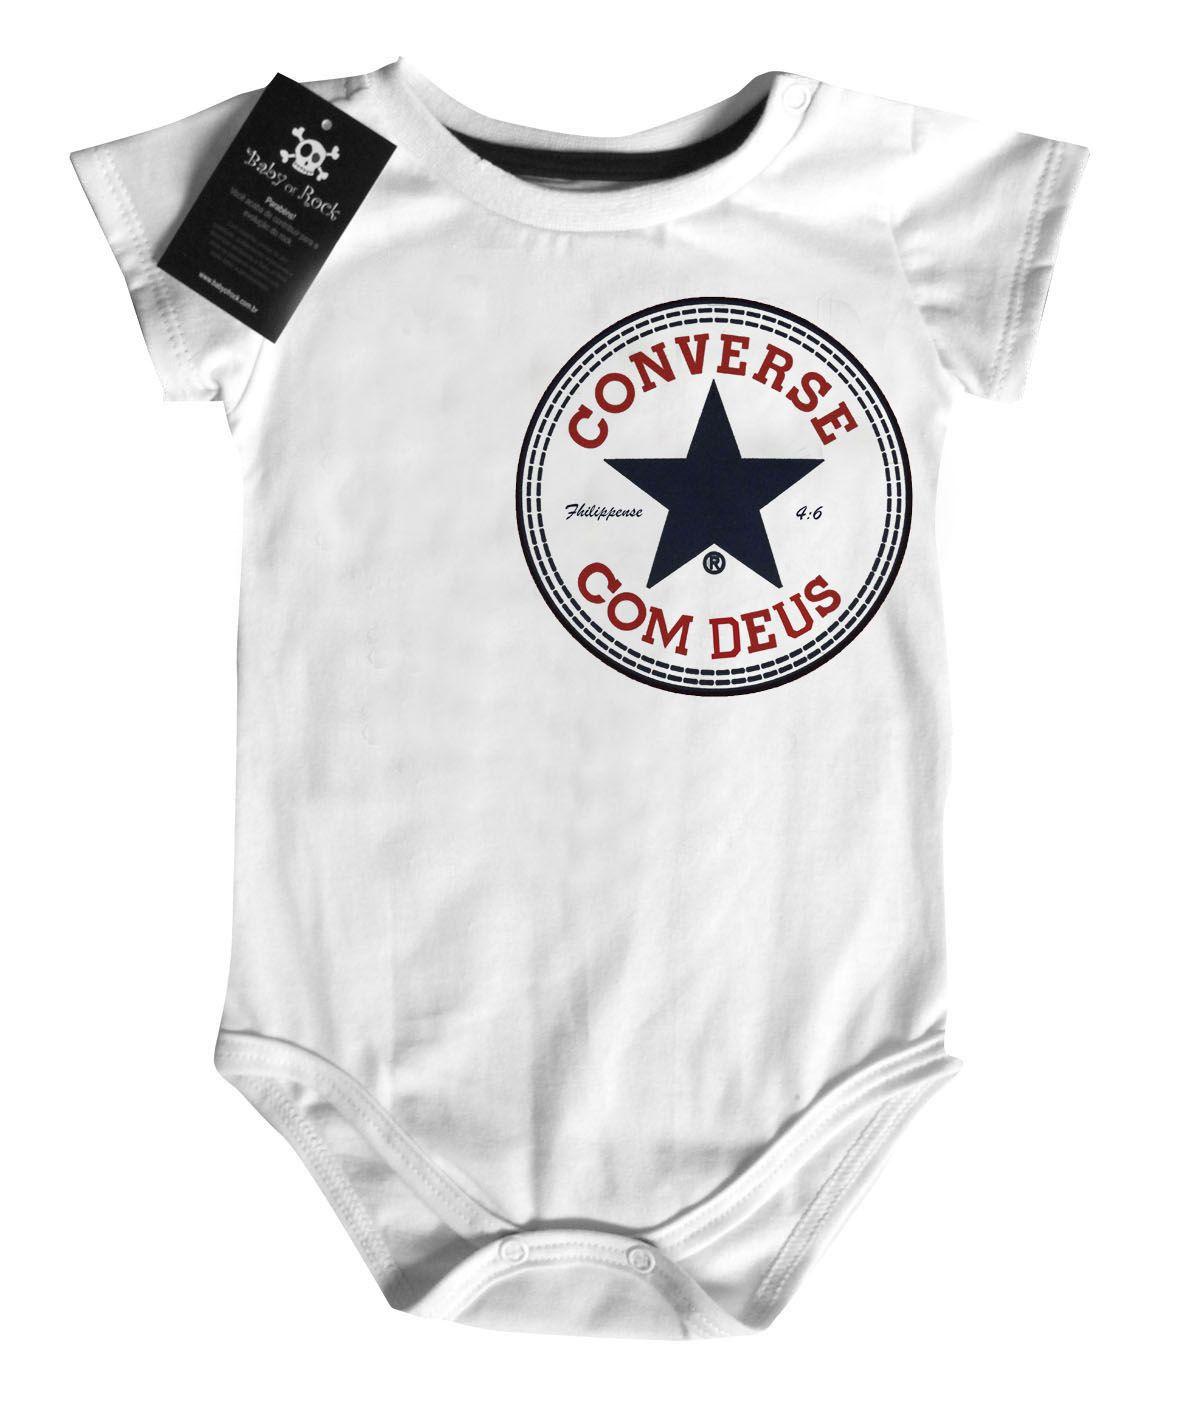 Body Bebe Cristão Converse com Deus - CHEST WHITE  - Baby Monster S/A